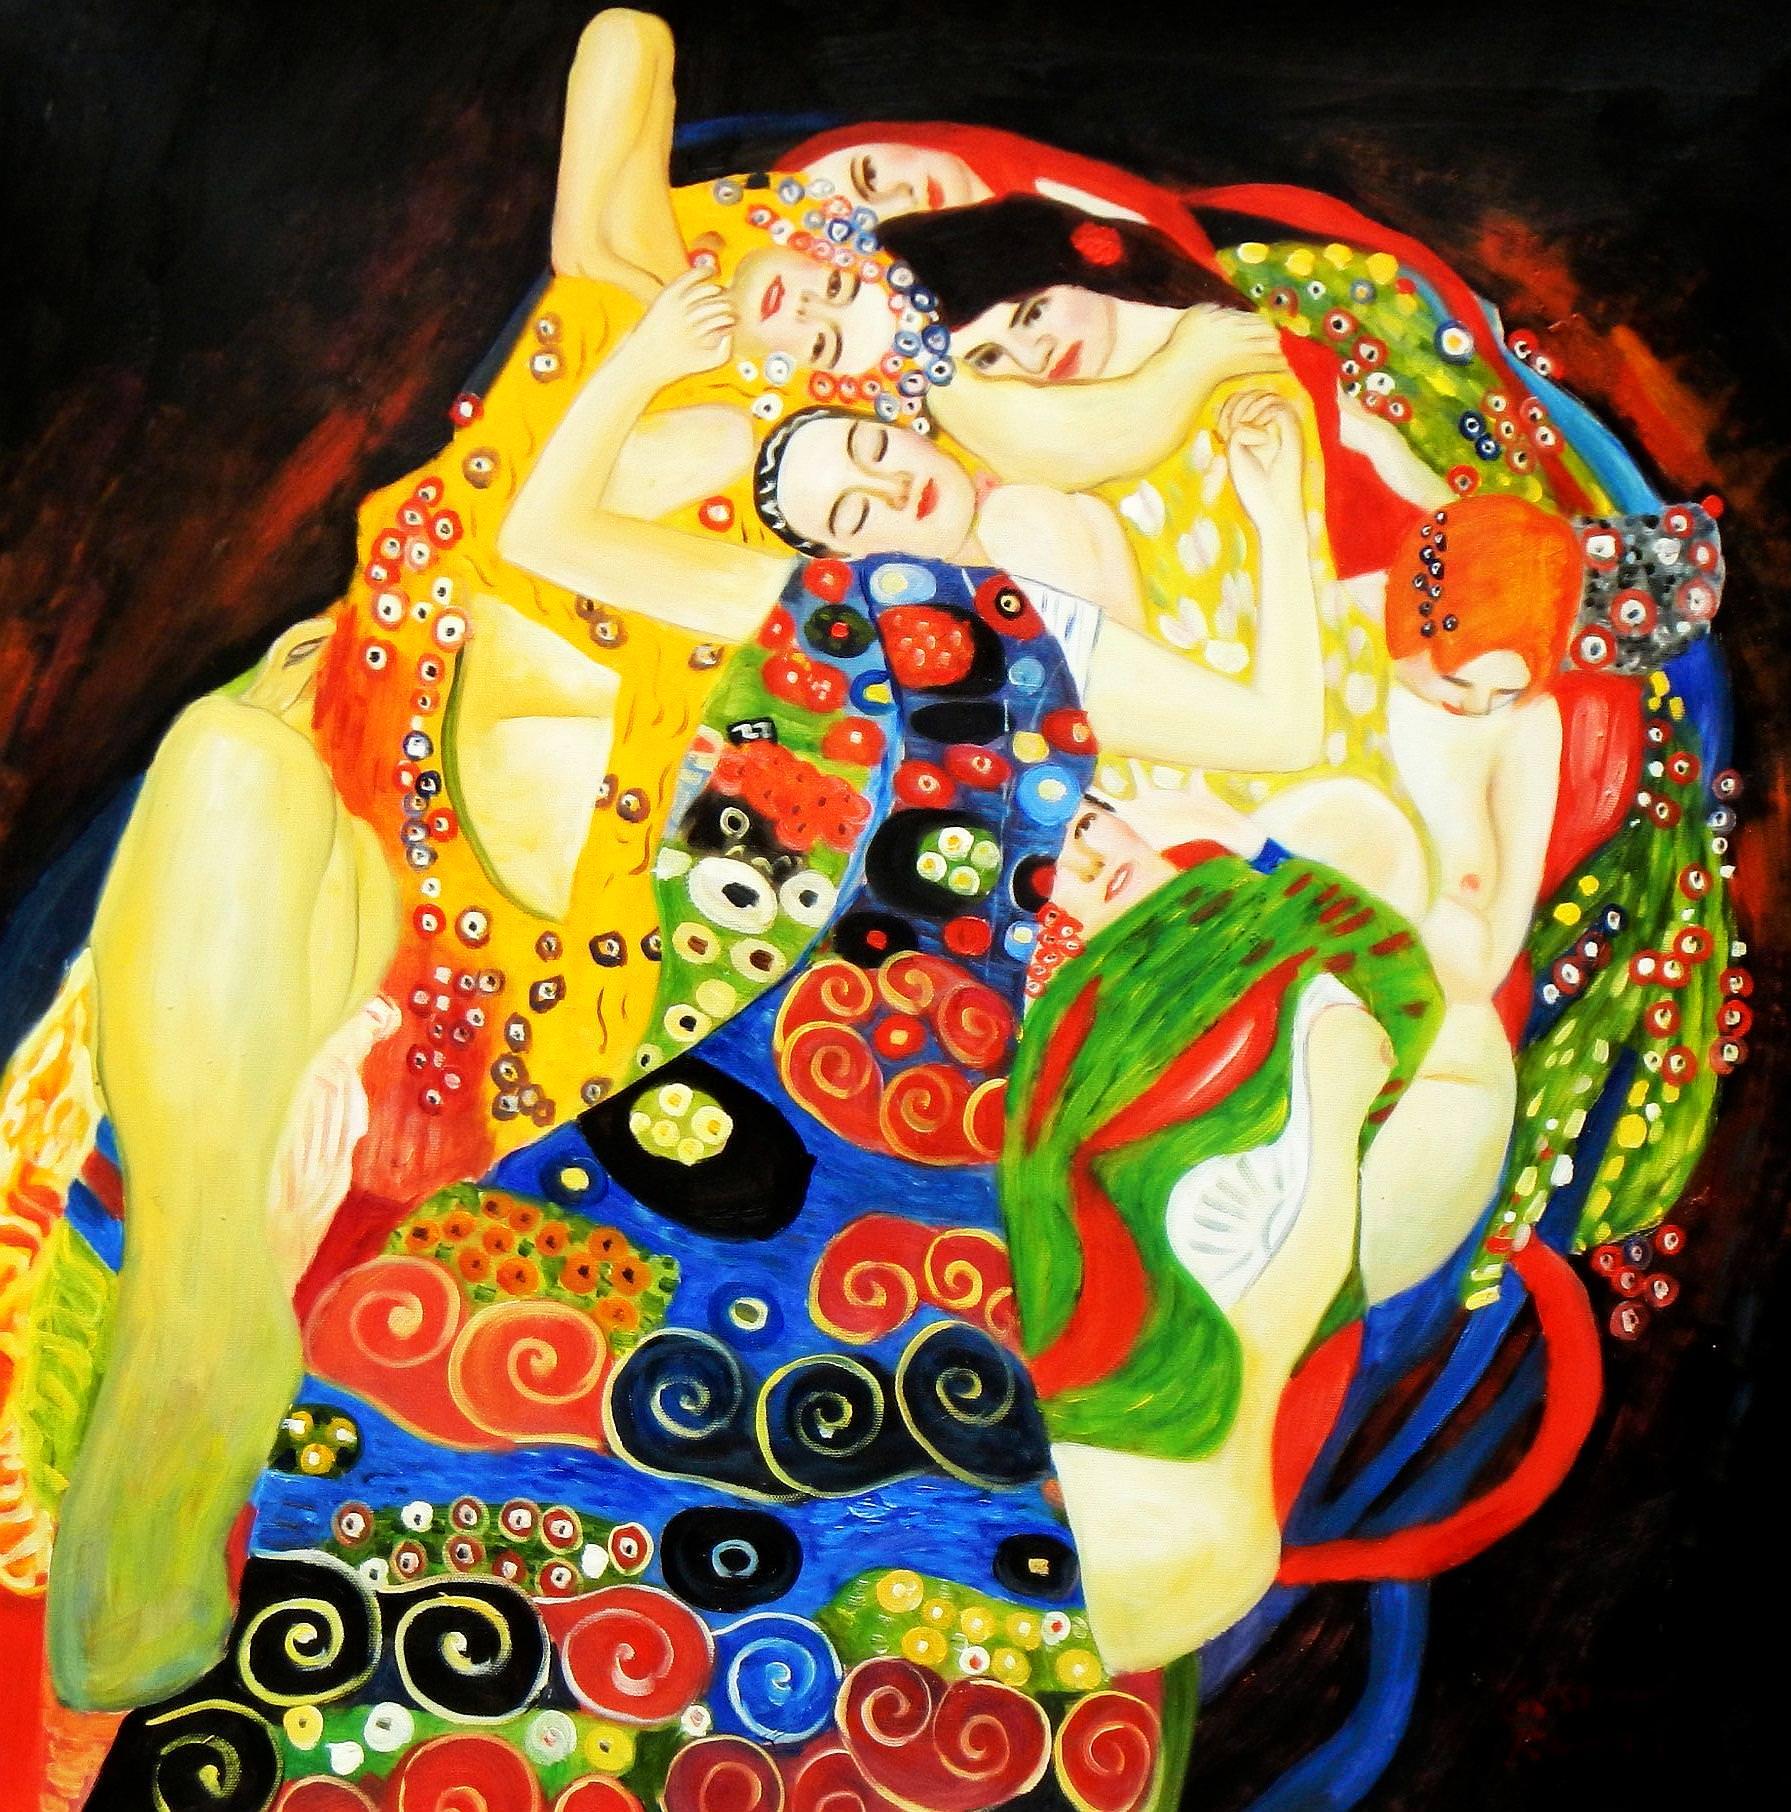 Gustav Klimt - Jungfrauen e93417 60x60cm Jugendstil Ölgemälde handgemalt